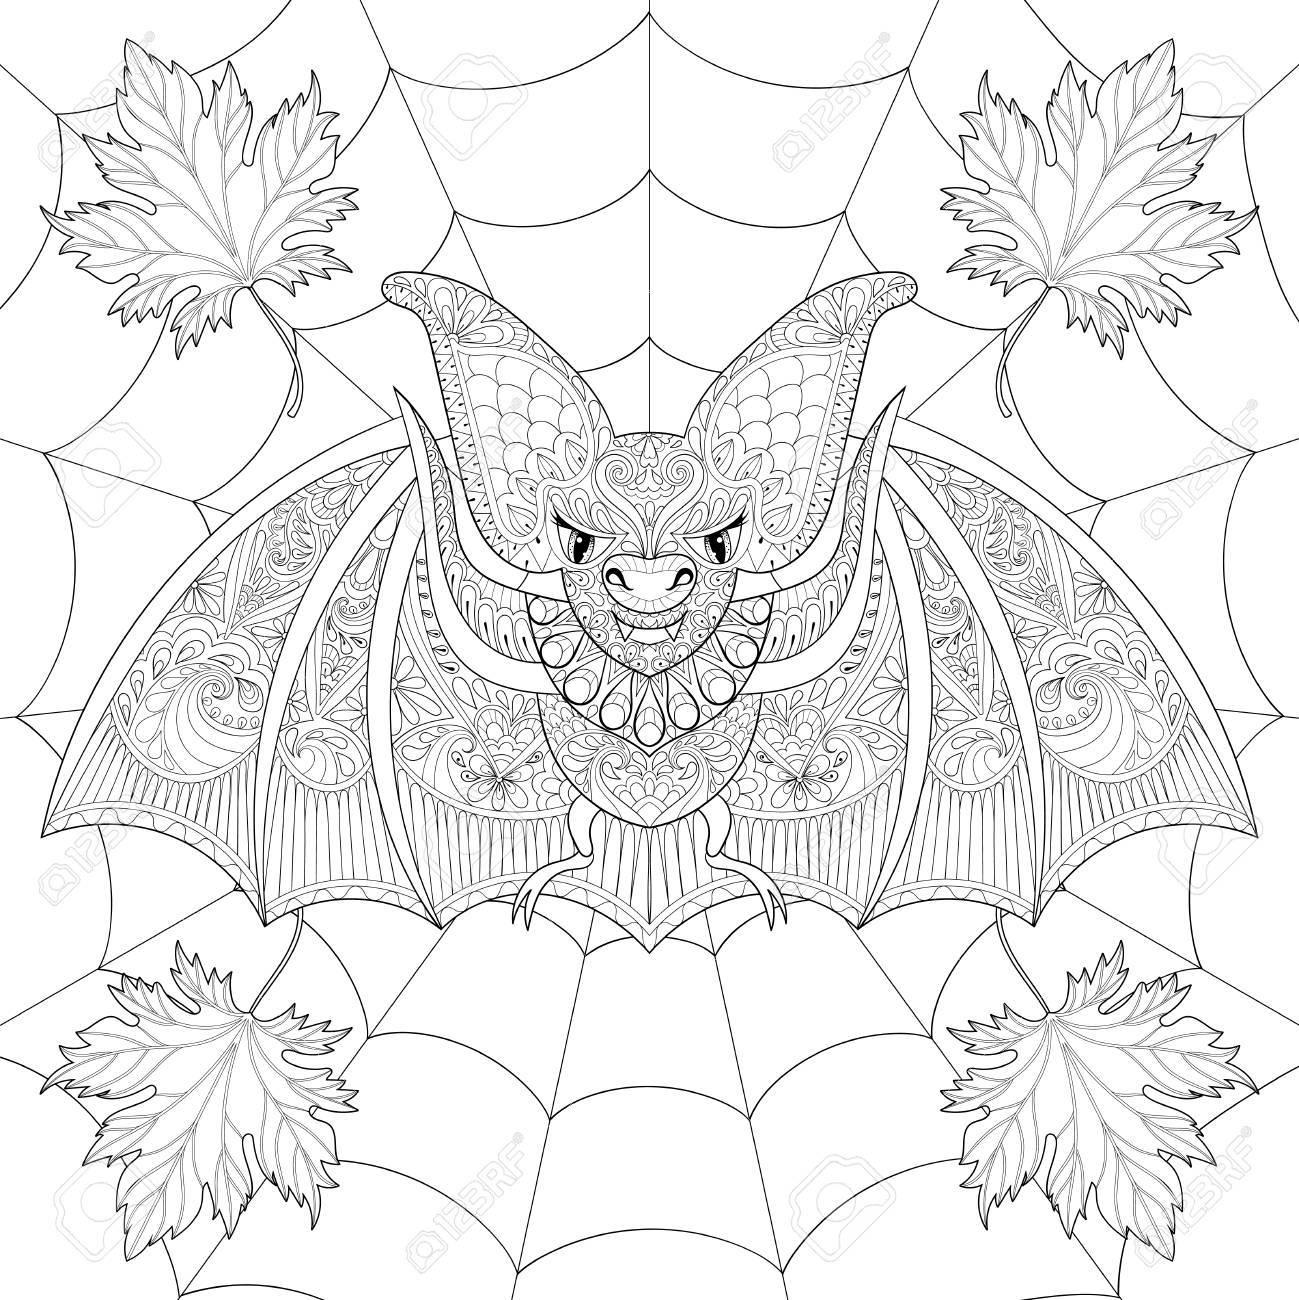 Stilisierte Fledermaus mit Herbst Blätter im Herbst auf Spinnennetz für  Halloween. Handskizze für Erwachsene Anti-Stress-Malvorlagen mit